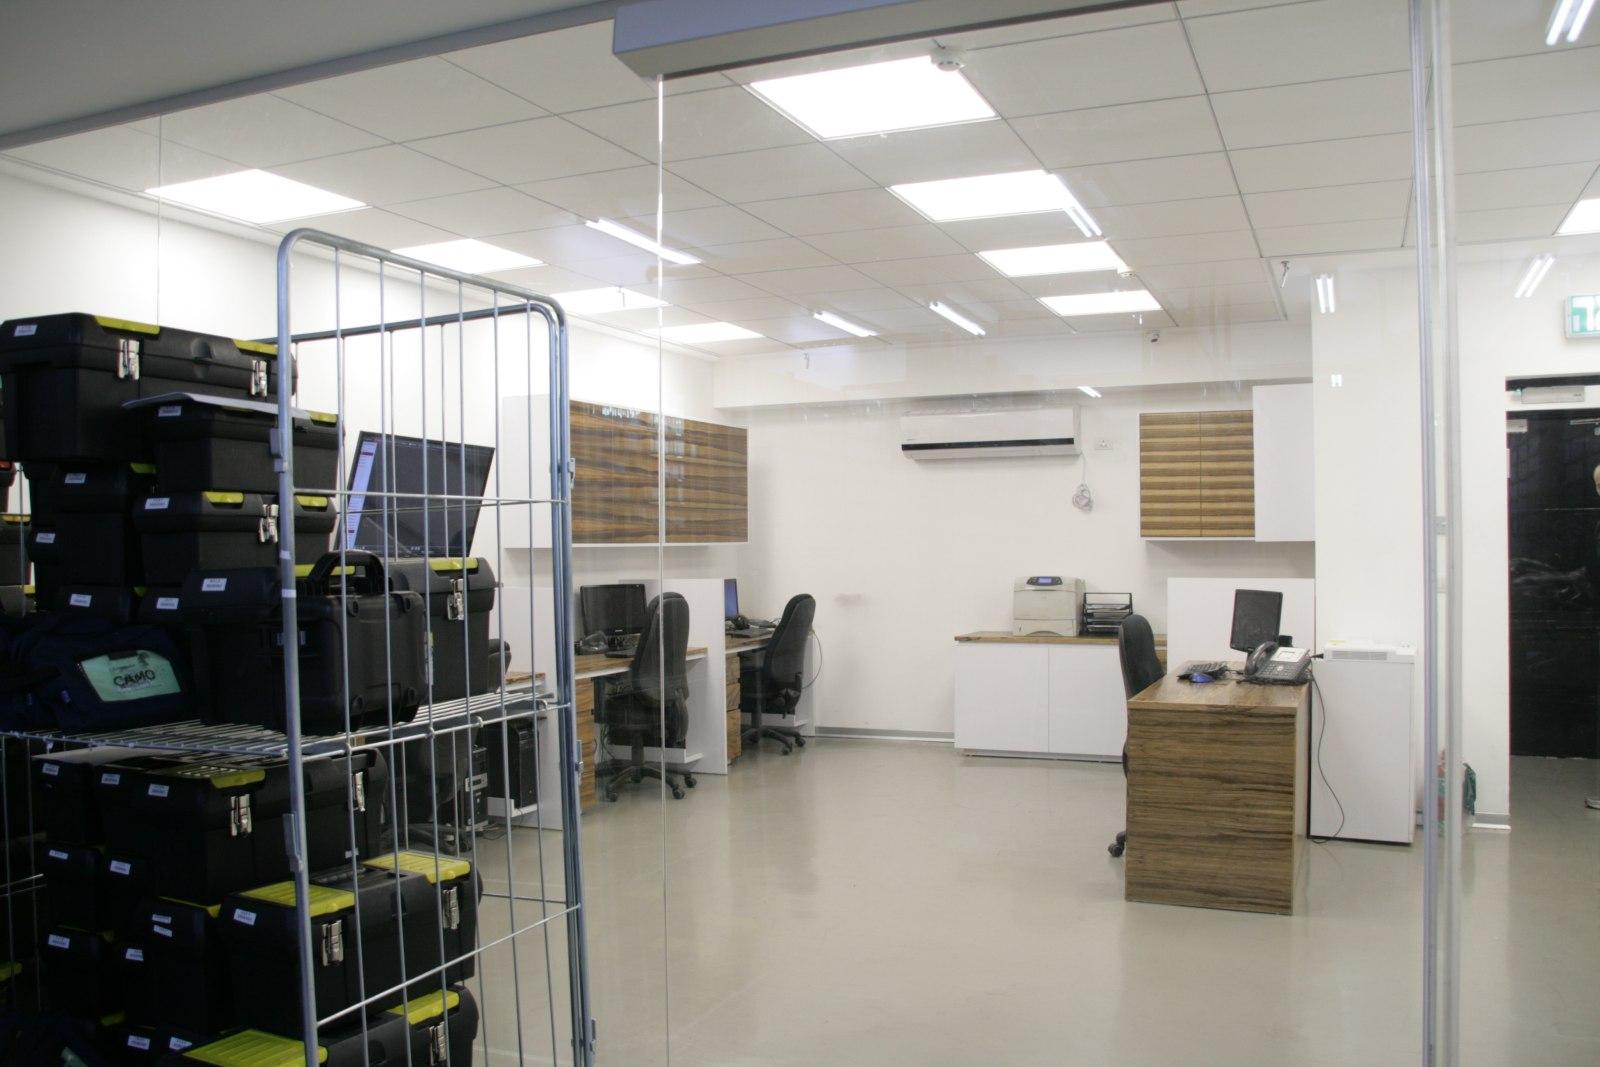 עיצוב משרד במרכז